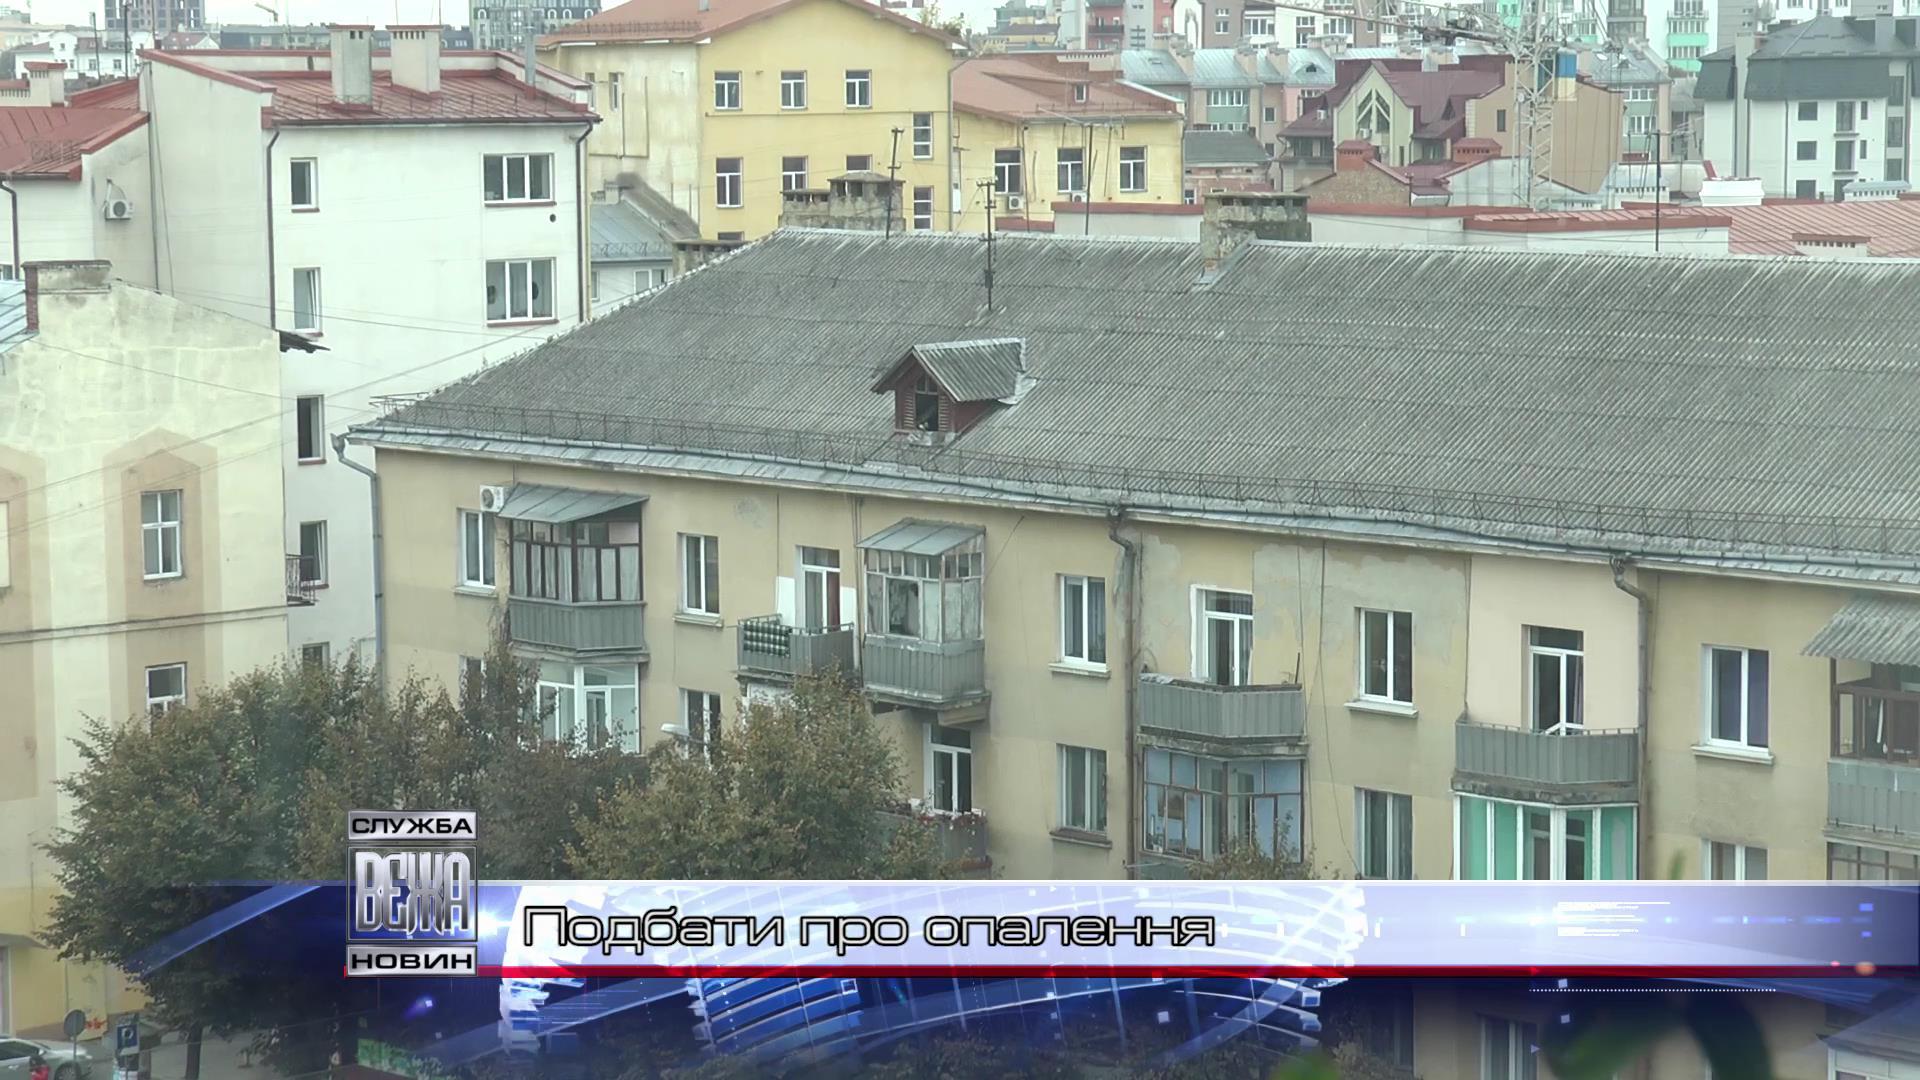 Комунальники закликали мешканців верхніх поверхів видалити повітря з системи опалення[21-11-01]